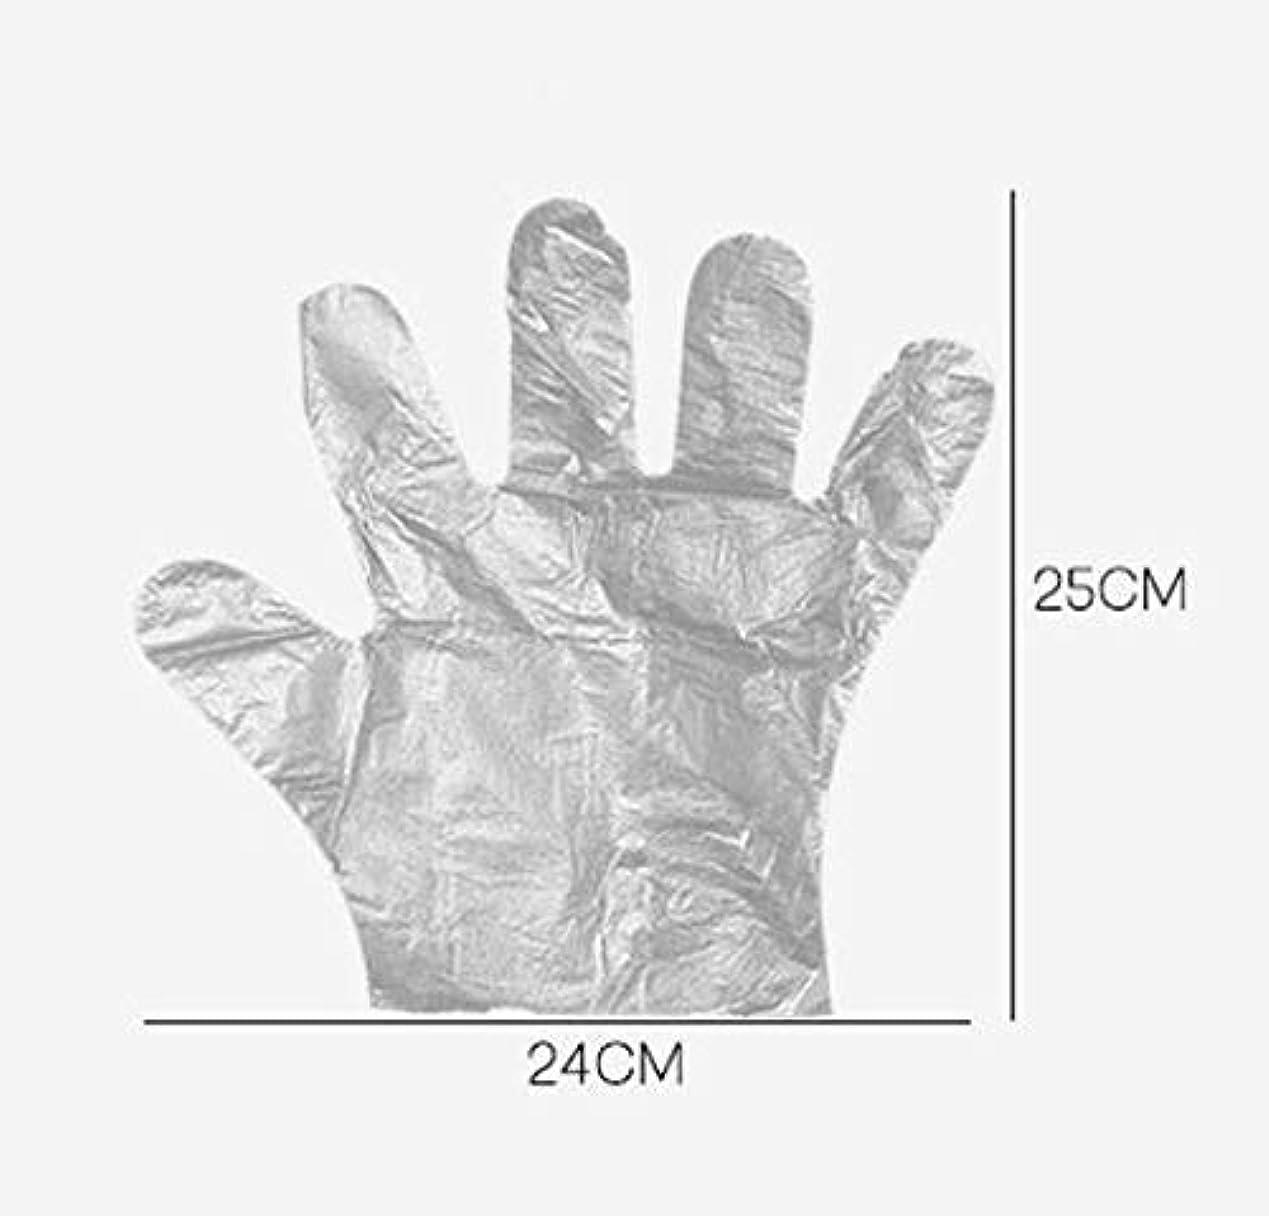 シャッターより平らなシャッターHJ 使い捨て手袋 ポリエチレン使い切り手袋 極薄い ポリ手袋 使い切り手袋 透明手袋 耐油 防水 介護 トイレ掃除 左右兼用 手荒れを防ぎ 素手 薄いタイプ (200ペアセット)